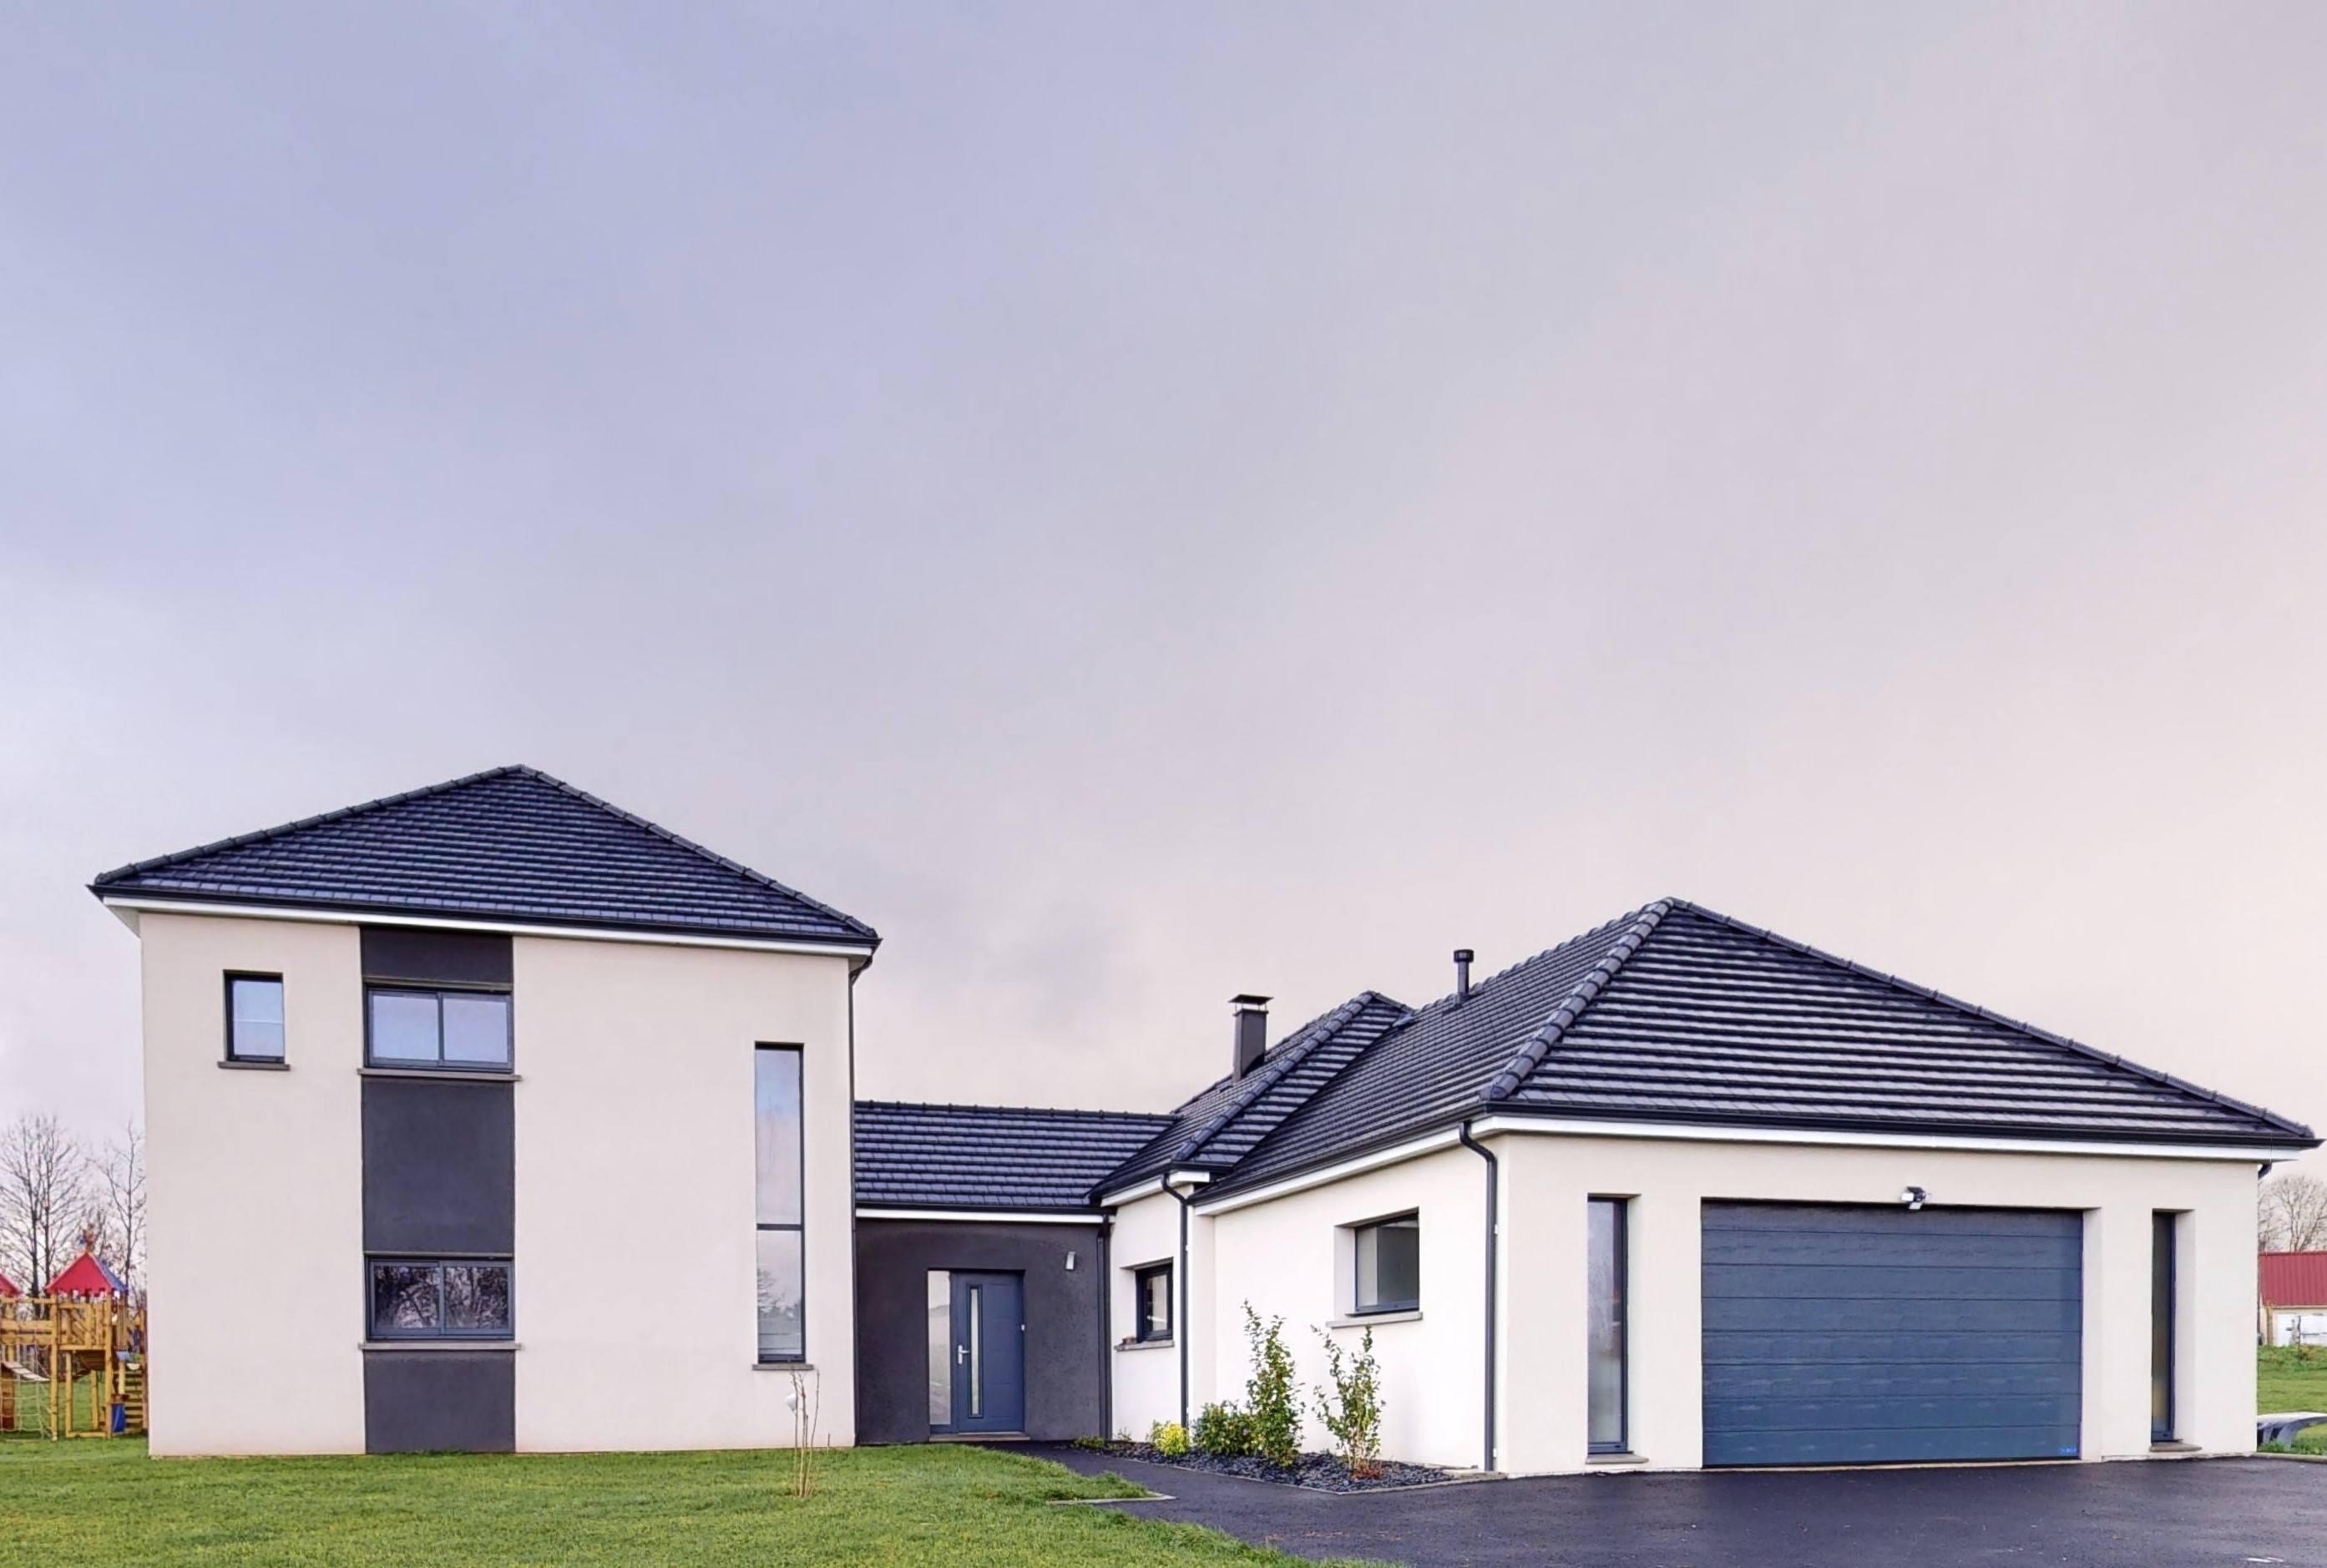 Maisons + Terrains du constructeur Maison Familiale Metz • 173 m² • COURCELLES CHAUSSY